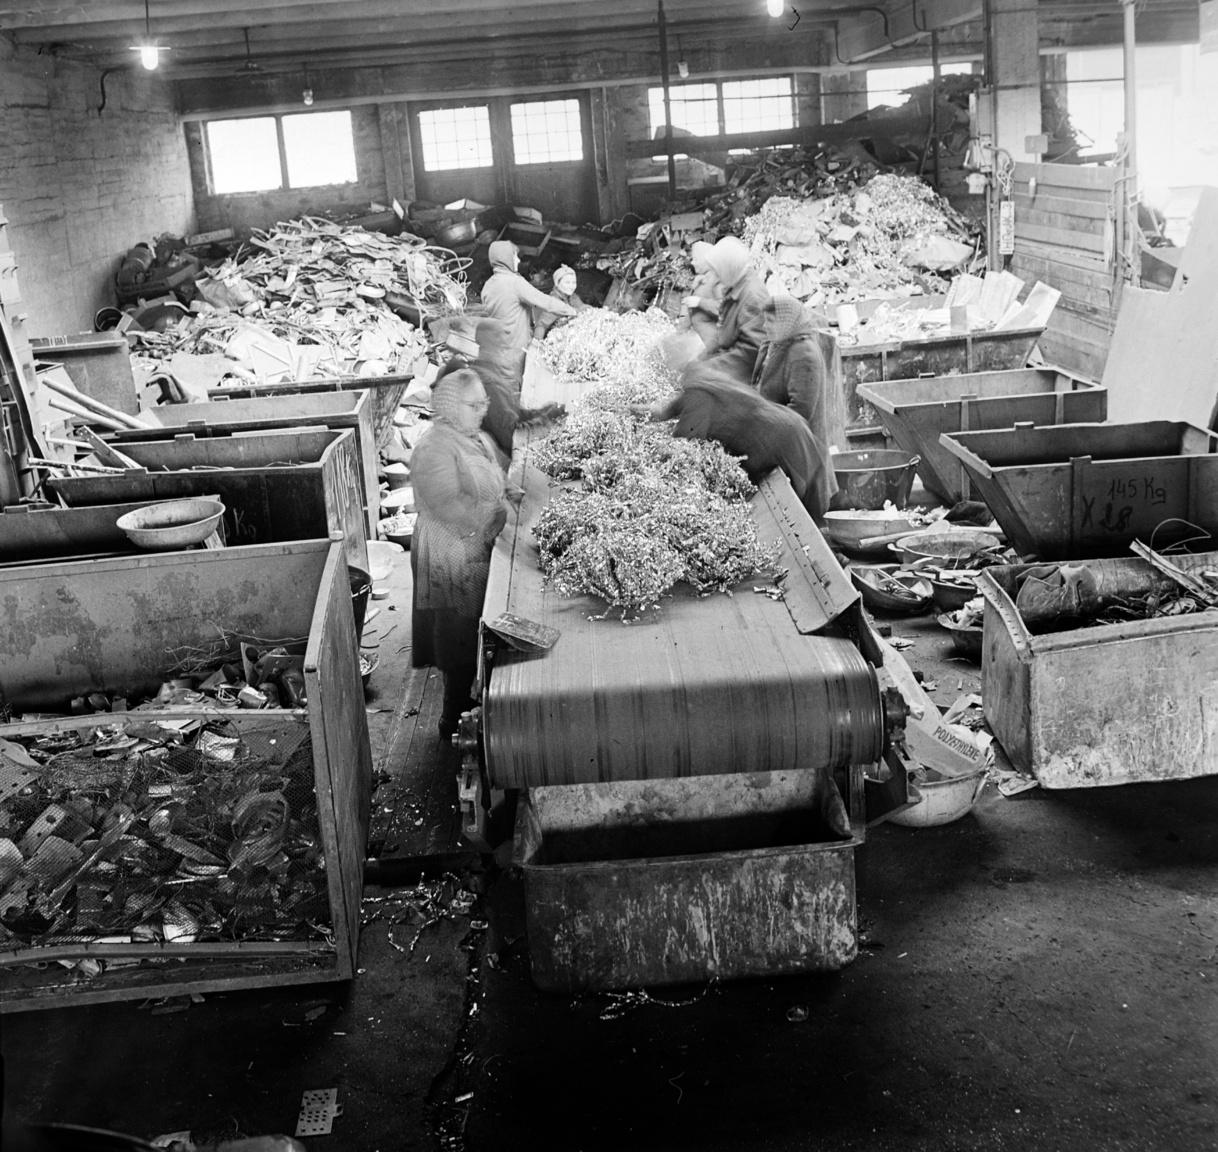 Asszonyok a kézi válogatóban. Nemcsak különböző vasak, fémek, vagy a fémforgács, hanem a textilhulladékok a MÉH-hez kerültek, méghozzá az úgynevezett Textilmaradék és Fonalosztályozó Vállalathoz. Innen látták el géptisztító ronggyal az egész országot. Természetesen mint sok minden más, hiánycikk volt ez is, az évi 1300 tonnás igénnyel szemben évente csak 1100 tonna háztartási rongy került a MÉH-telepekre. Azt sem tudják sokan, hogy a len- és kenderrongyból a legjobb cigaretta- és bankópapír készült. De még furcsább dolgokat is kerültek a MÉH-hez: a vágóhidakról, a nagyobb üzemi étkezdékből és a kórházakból évente mintegy 1500 tonna csontot gyűjtöttek. Zömük a Budapesti Vegyiművekhez került, ahol enyv készült belőlük (főleg exportra), de húsliszt és műtrágya gyártásához is felhasználták.